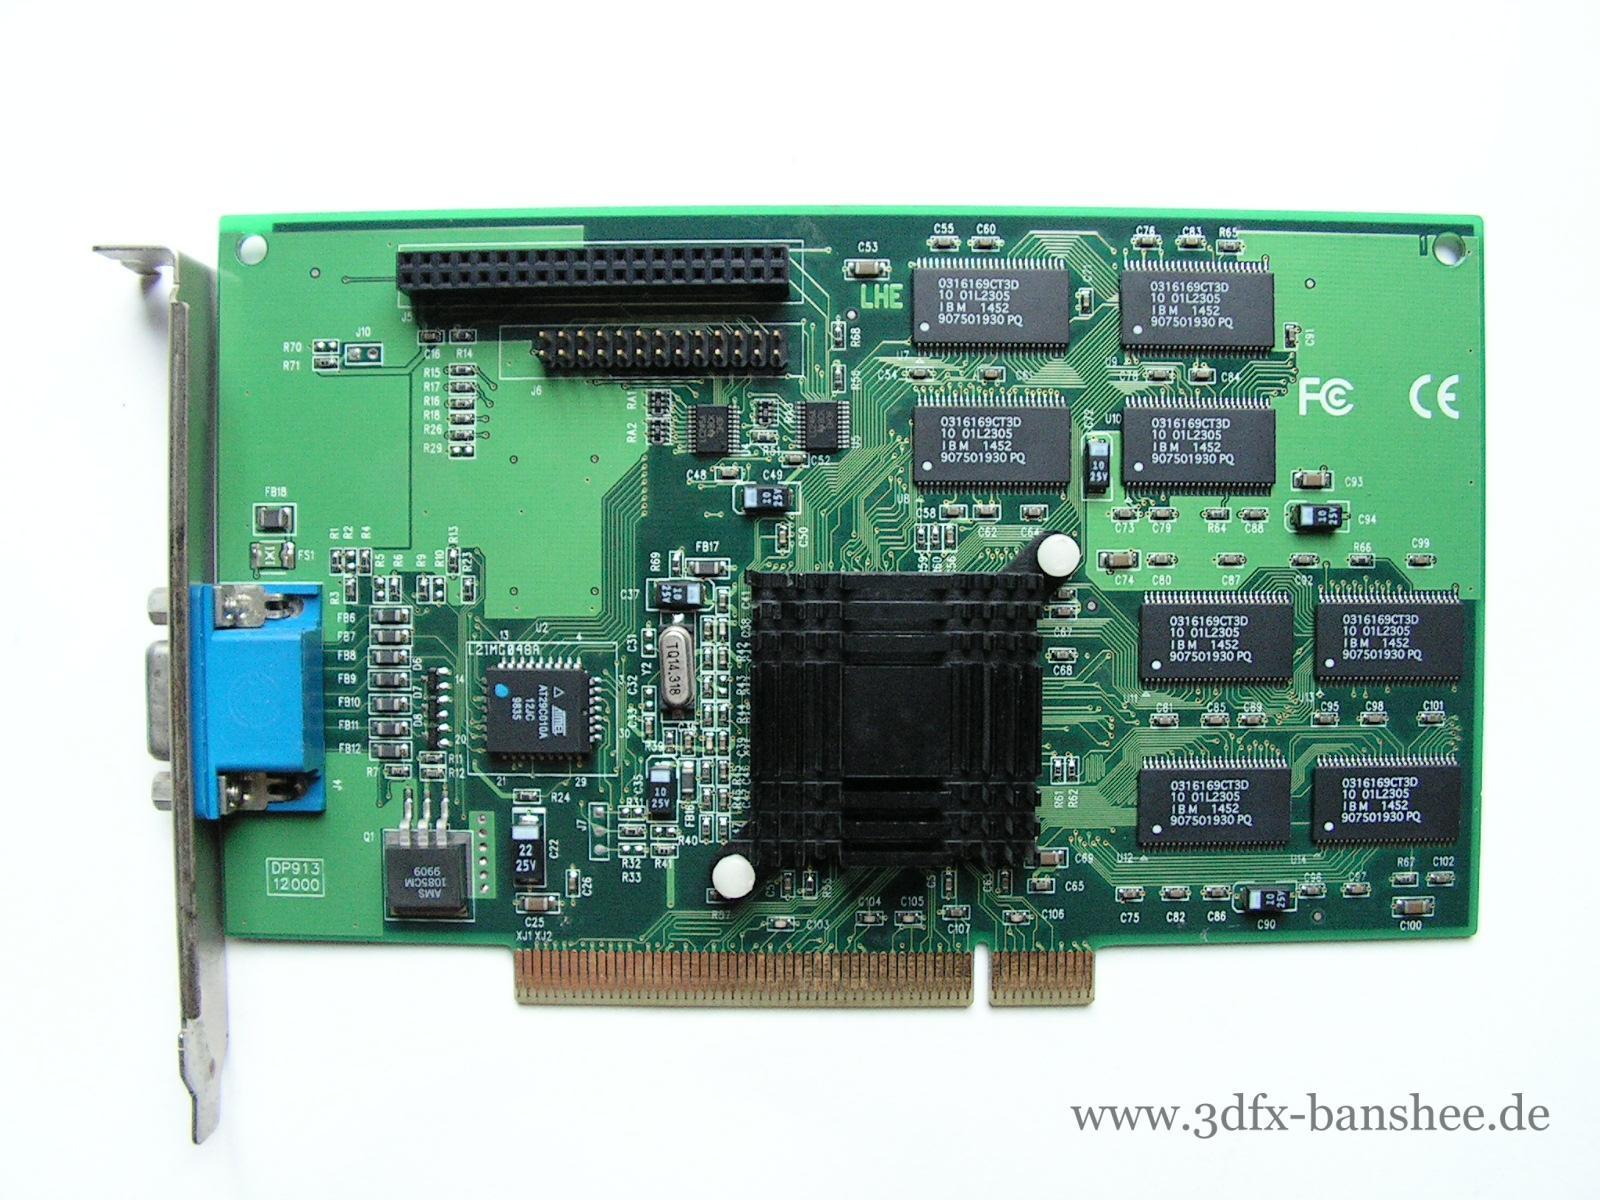 I-O Magic MagicVideo Banshee 3D PCI - Front